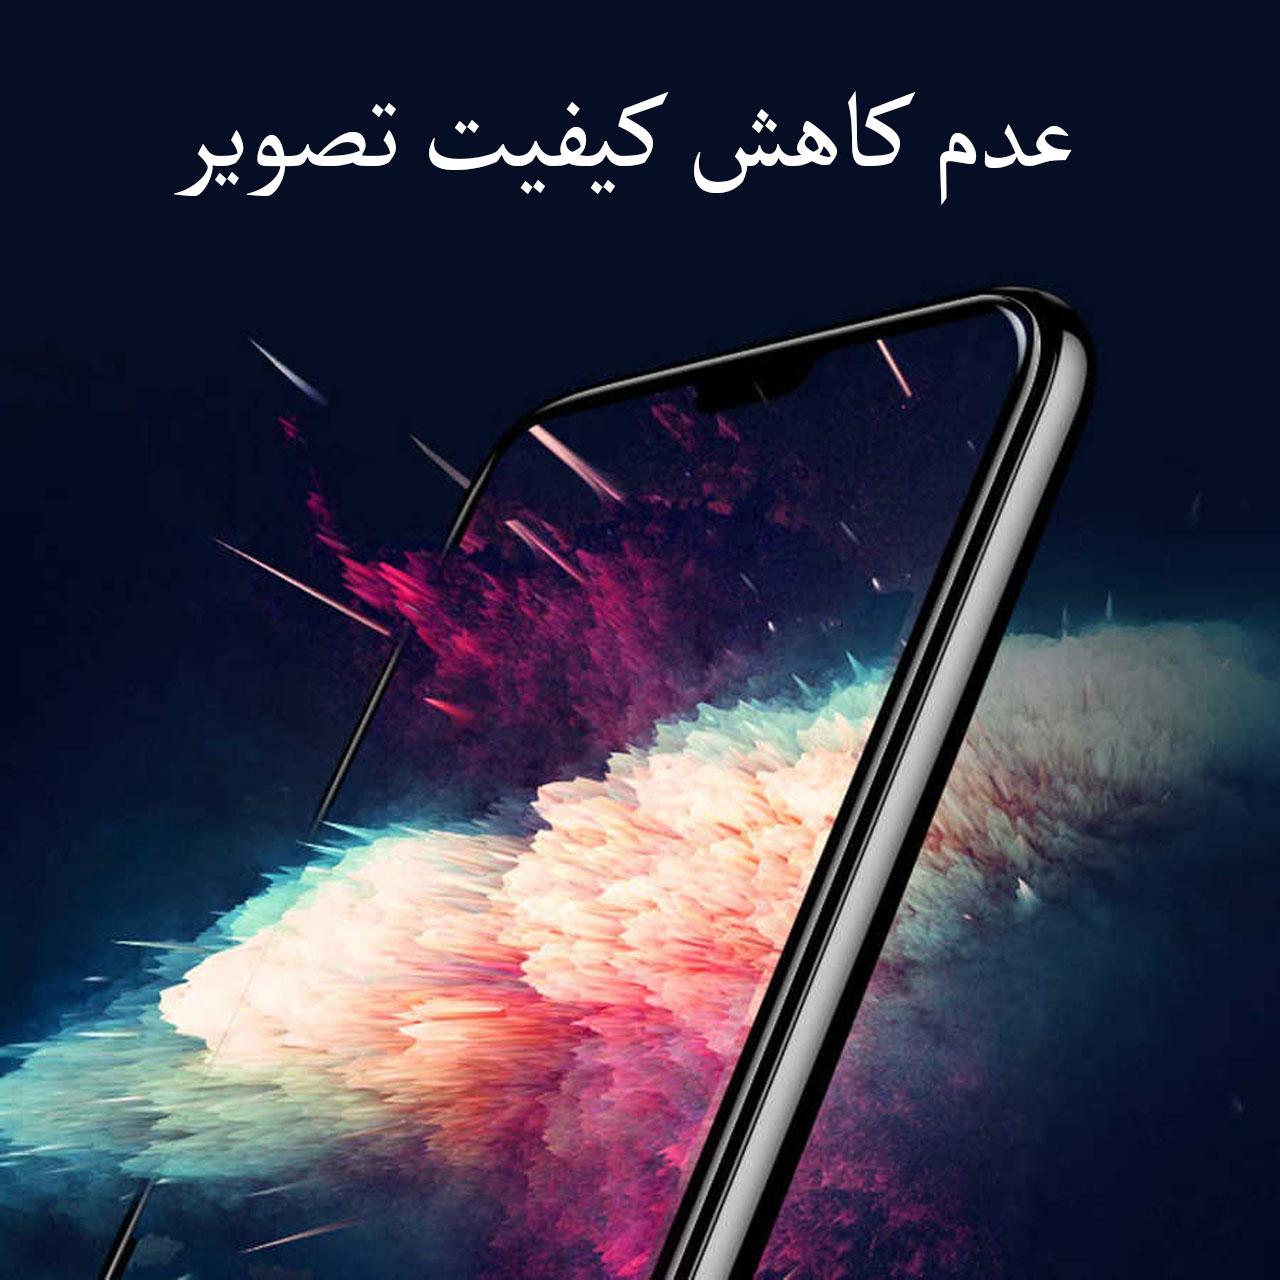 محافظ صفحه نمایش مدل FCG مناسب برای گوشی موبایل اپل iPhone 12 Pro Max main 1 1